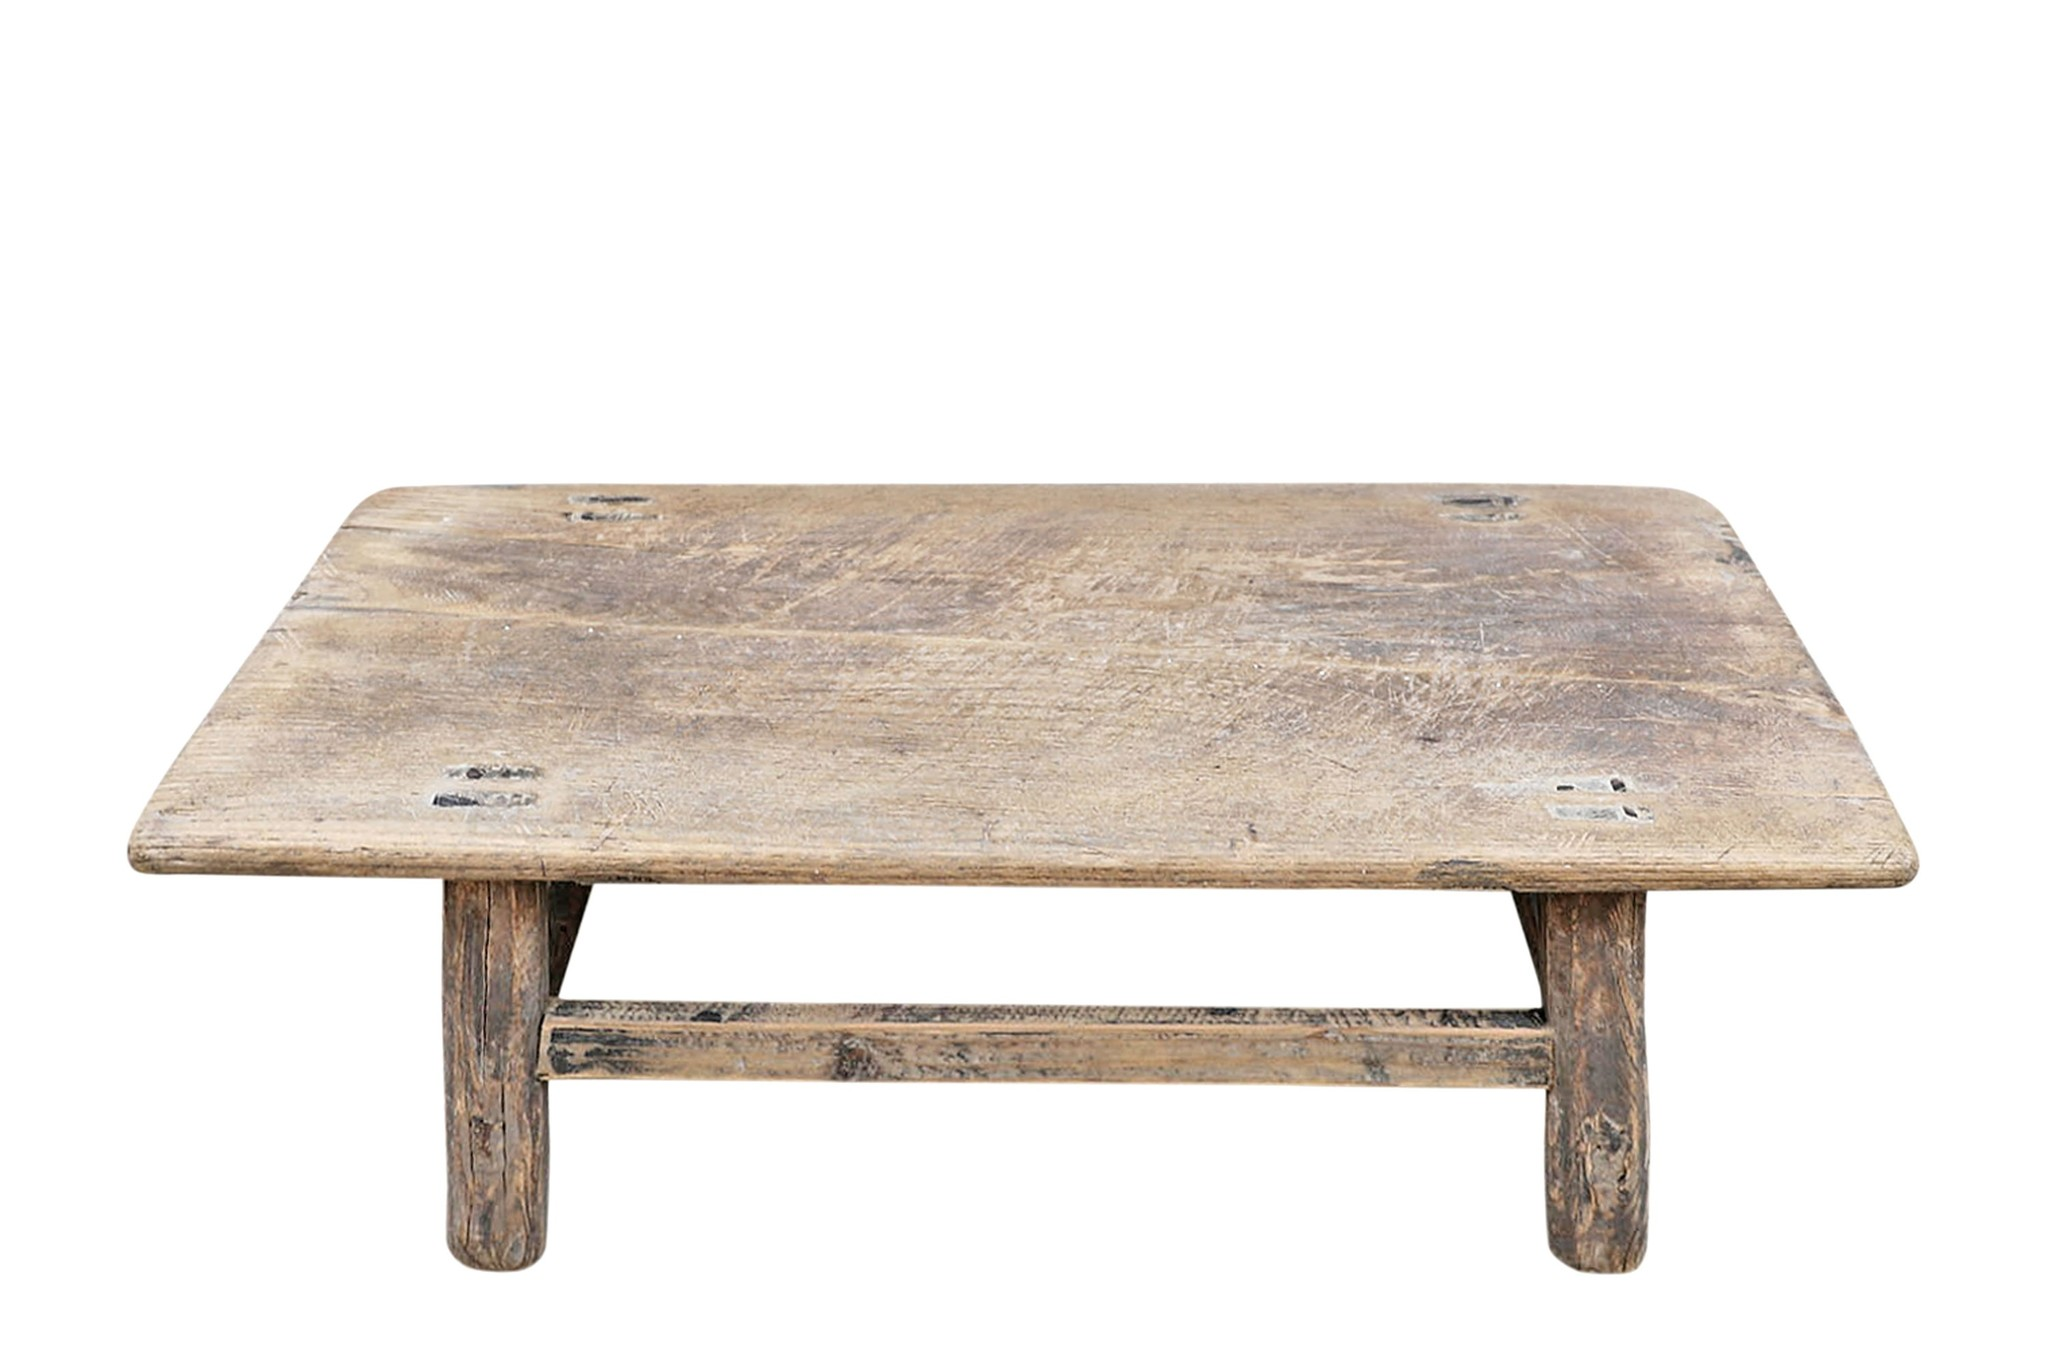 Snowdrops Copenhagen Coffee table KANG - elm wood - L83x46xL27cm - Unique piece